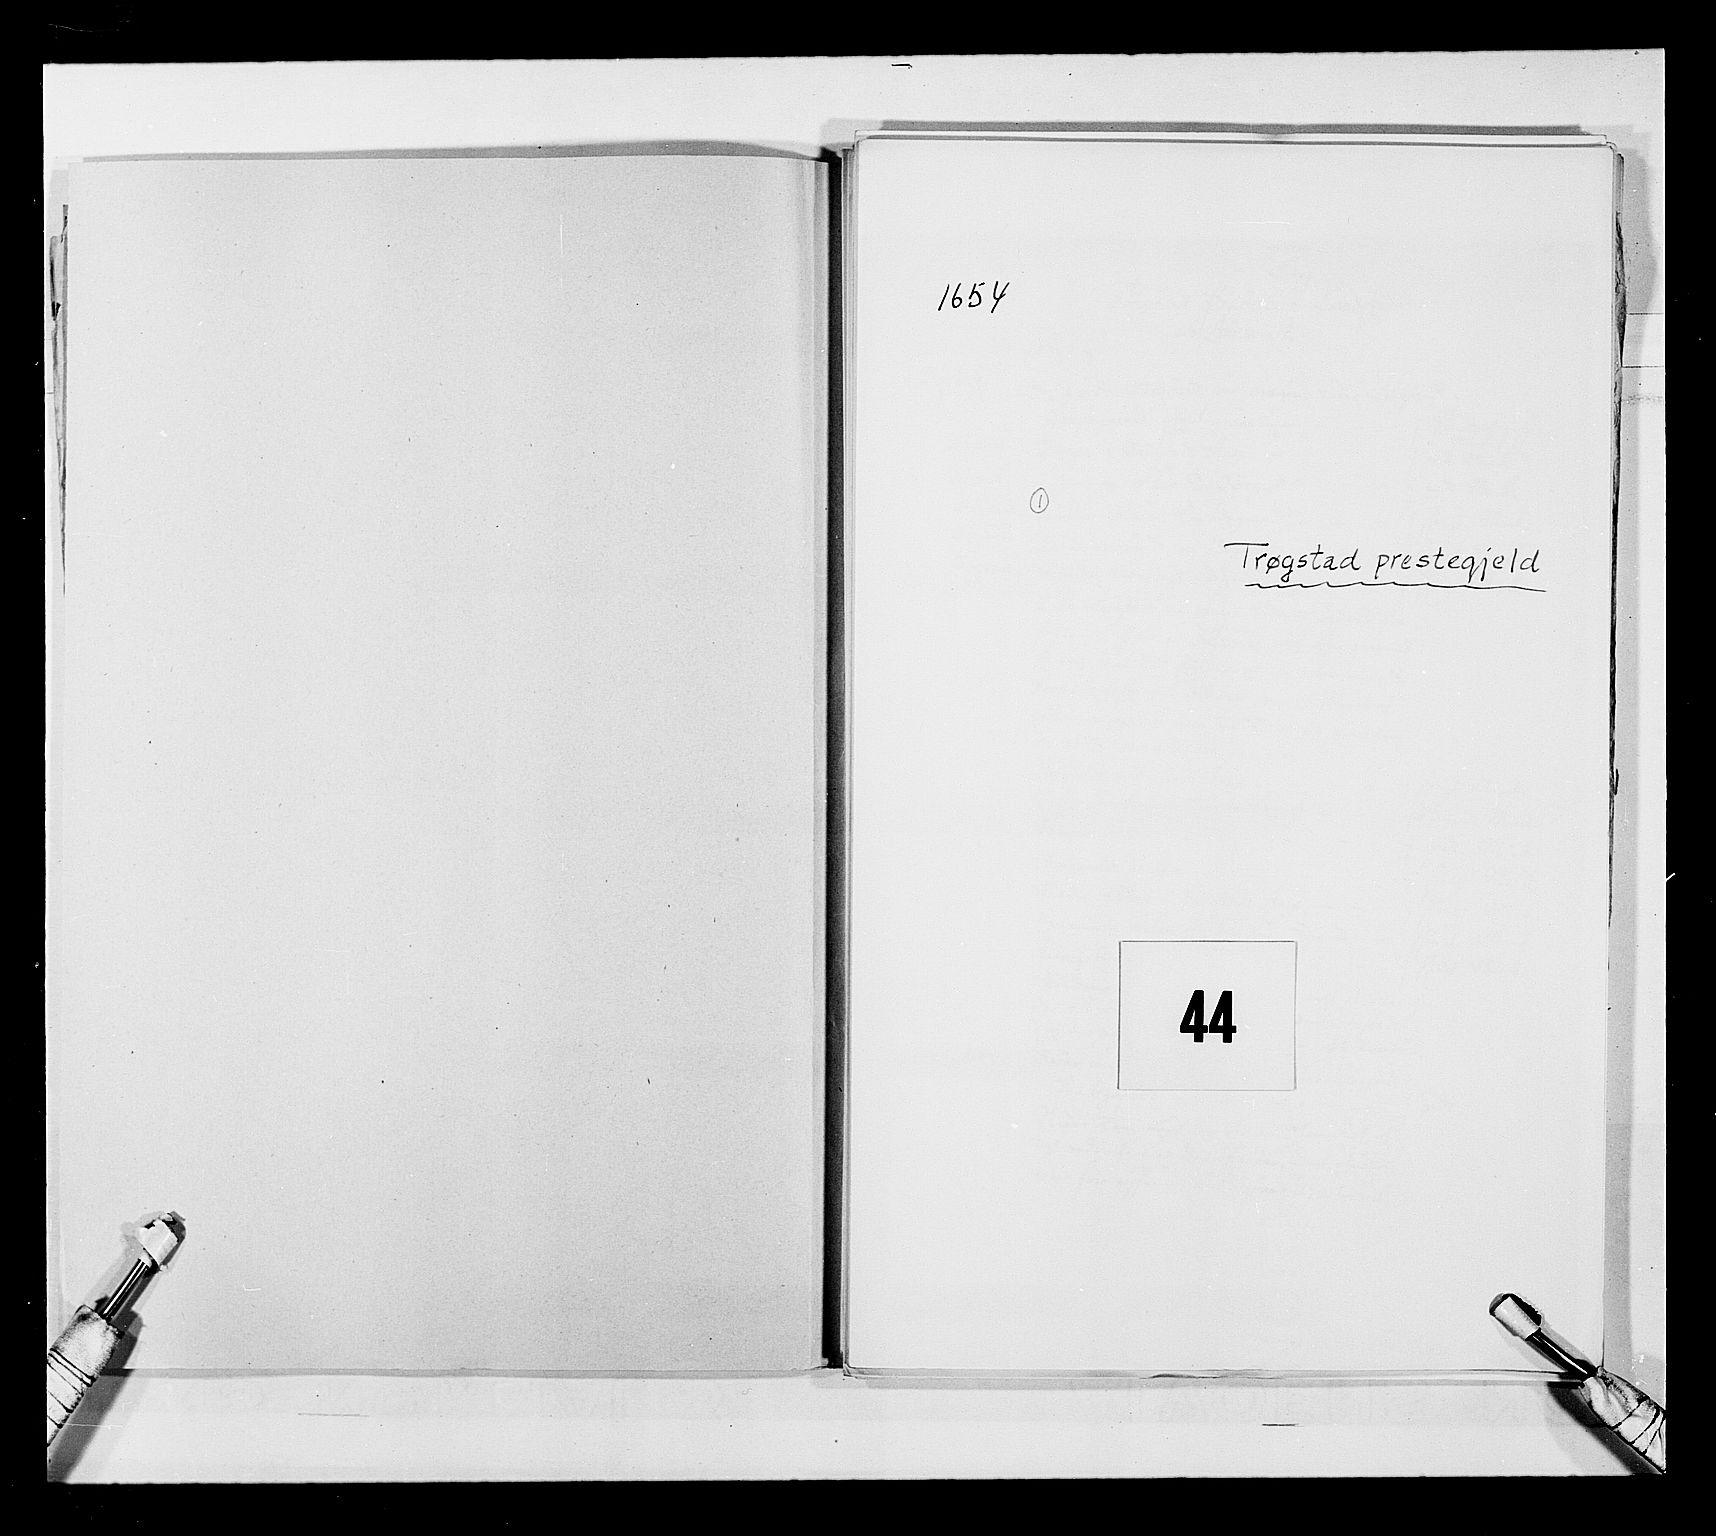 RA, Stattholderembetet 1572-1771, Ek/L0030: Jordebøker 1633-1658:, 1654, s. 213